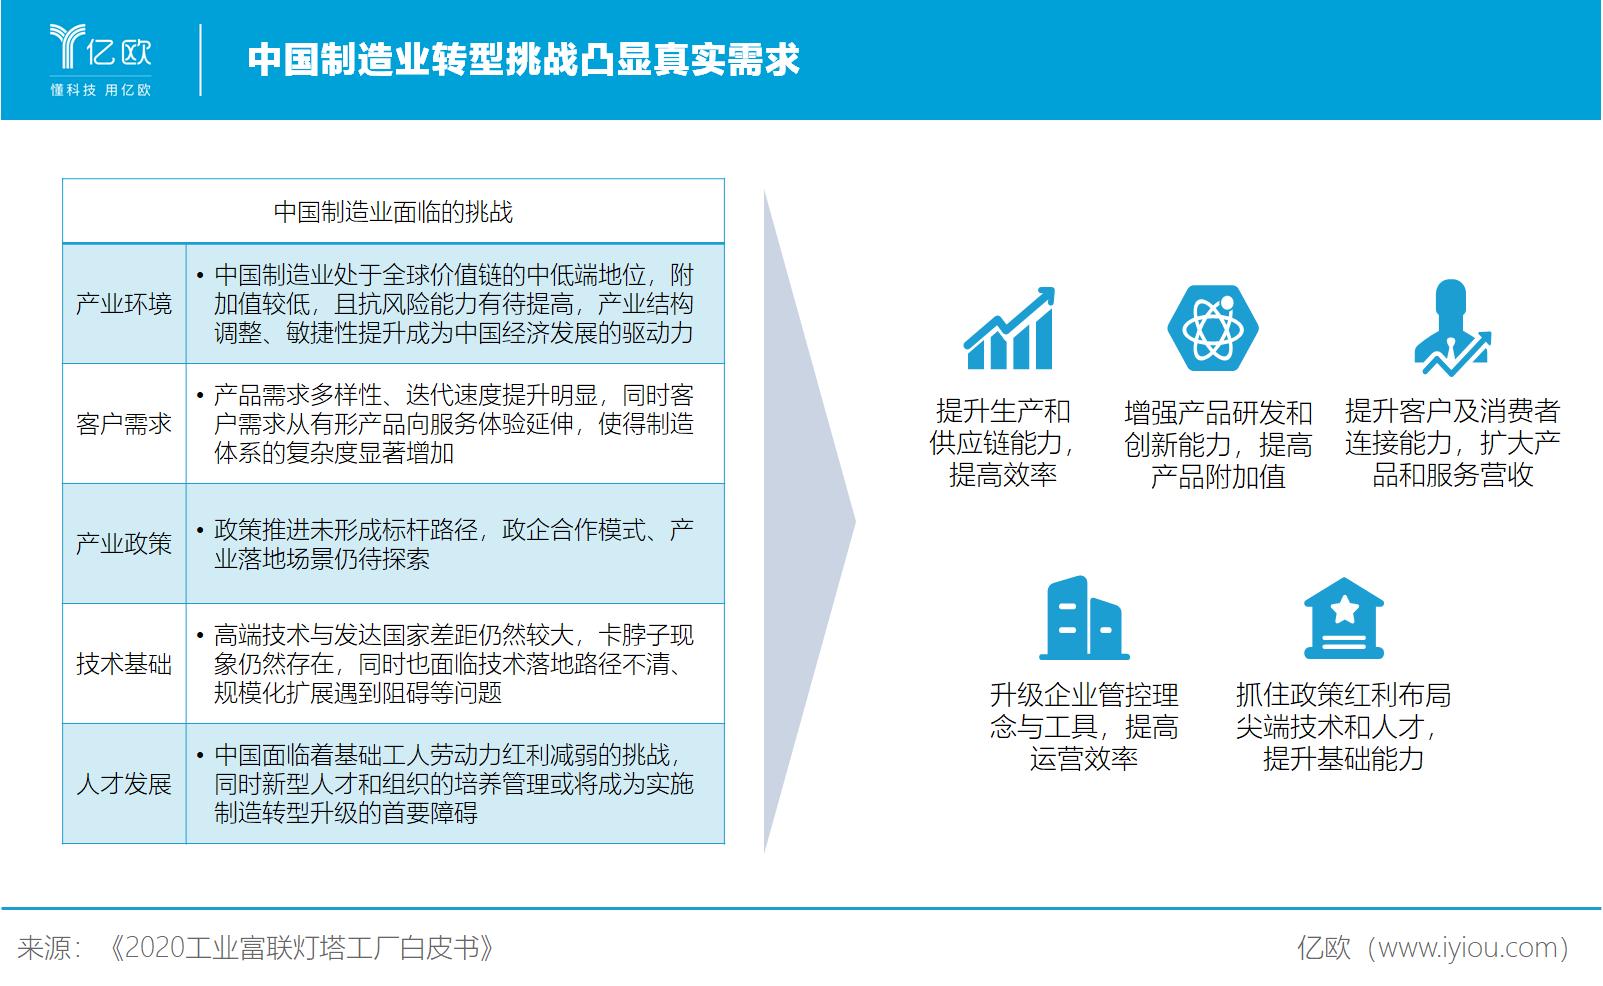 必赢亚州366net智库:中国制造业转型挑战凸显真实需求